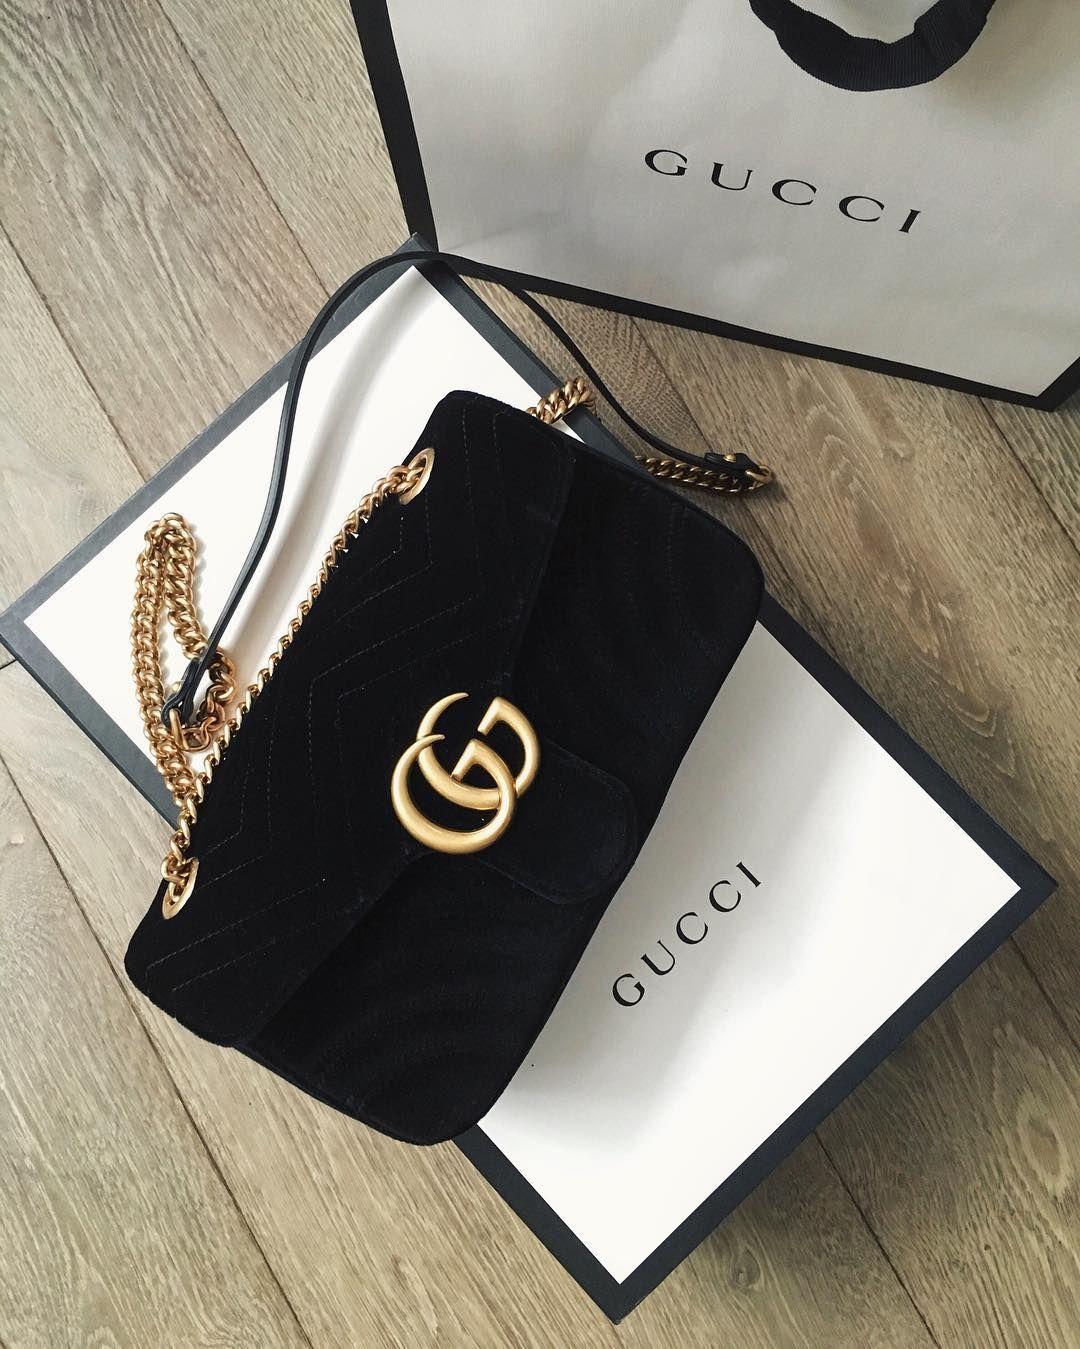 Image result for gucci bag pinterest